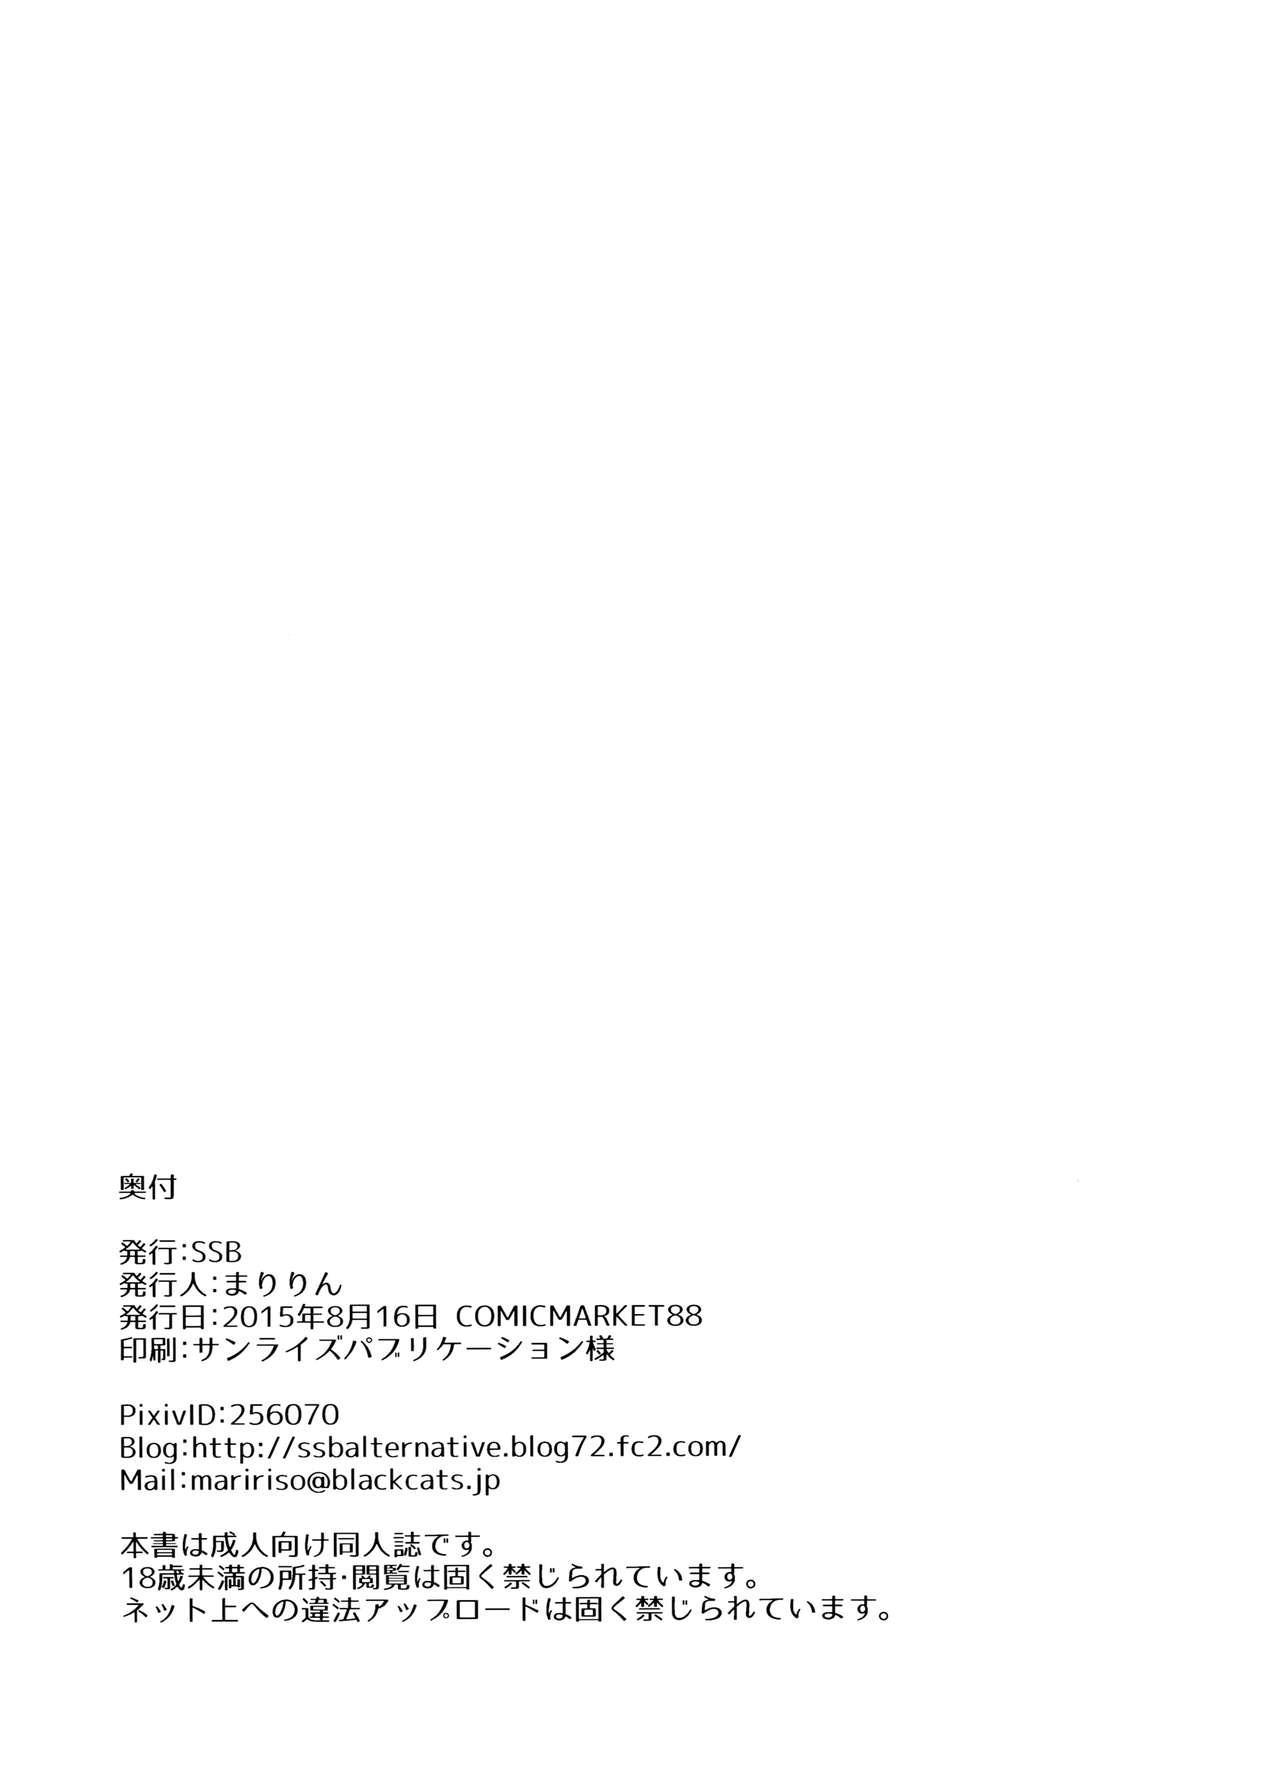 Shinjin Mahjong Idol Nodocchi Sanpaku Yokka Chaku Ero Onsen Makura Eigyou 24